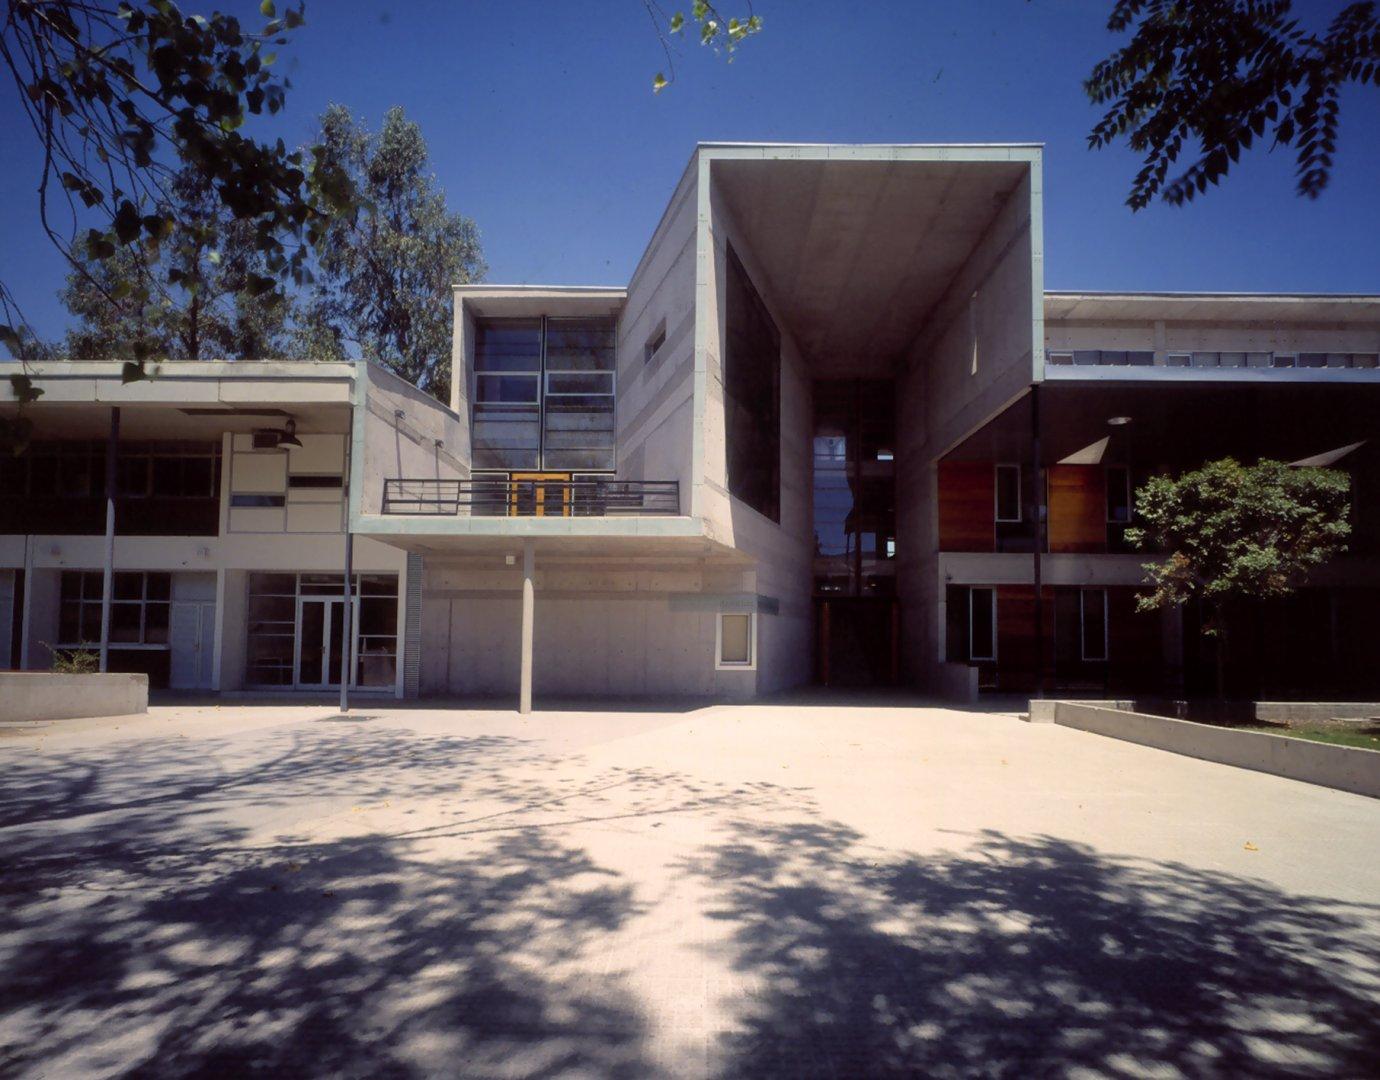 Arquitectura y tecnolog a alejandro aravena - Alejandro aravena arquitecto ...